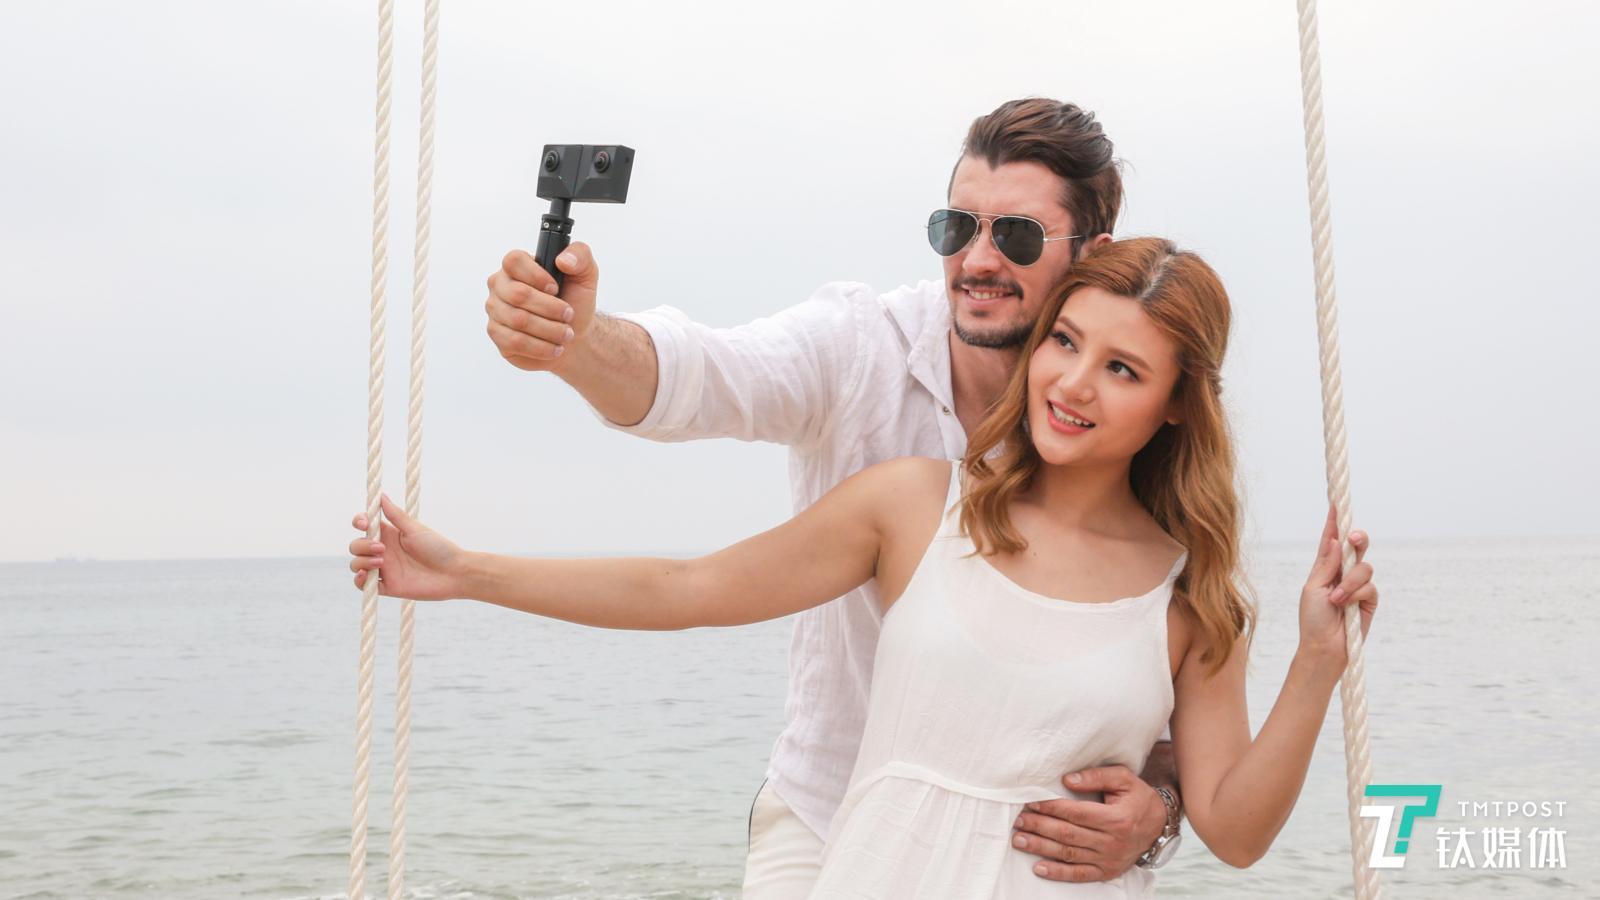 为3D大众化而生,Insta 360推出折叠式全景裸眼3D相机